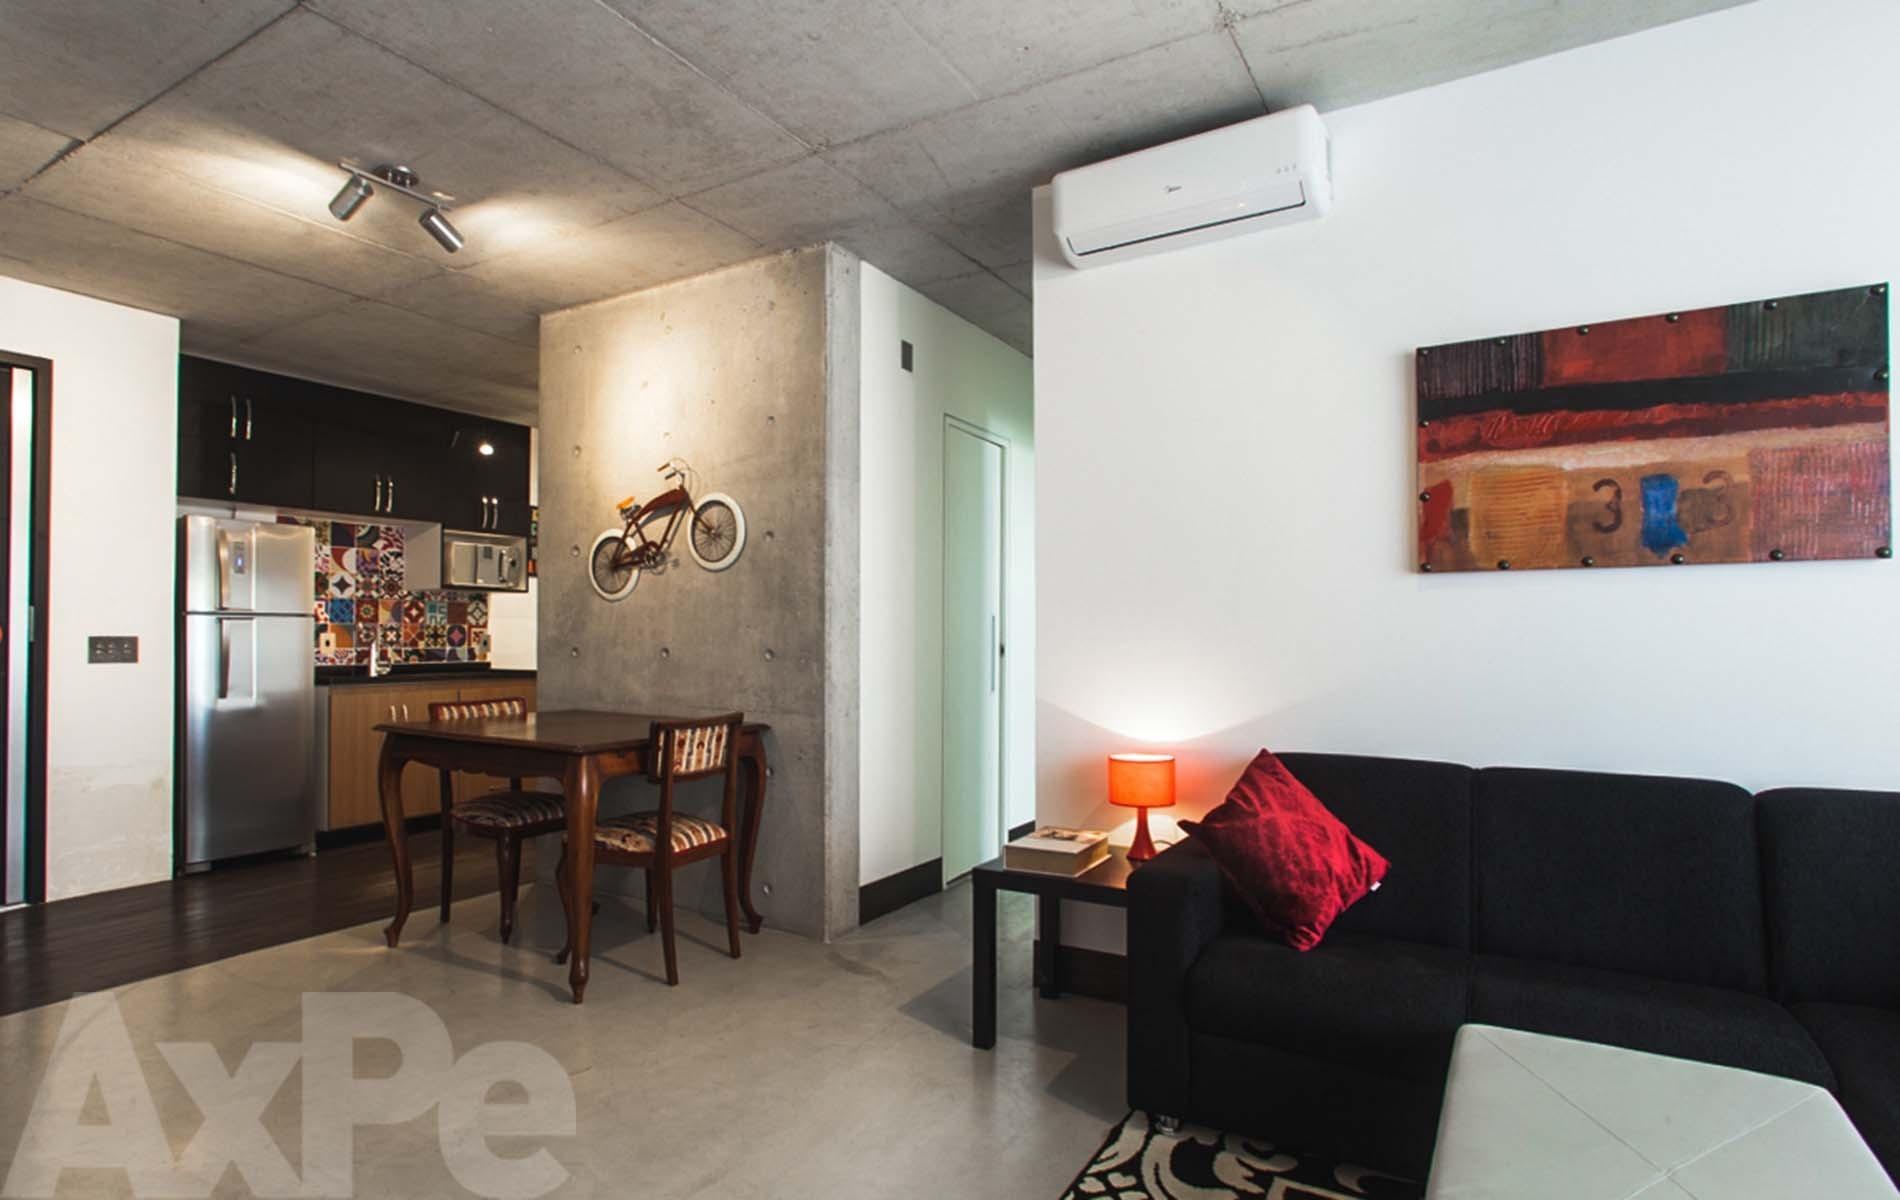 Axpe Apartamento - AX128882